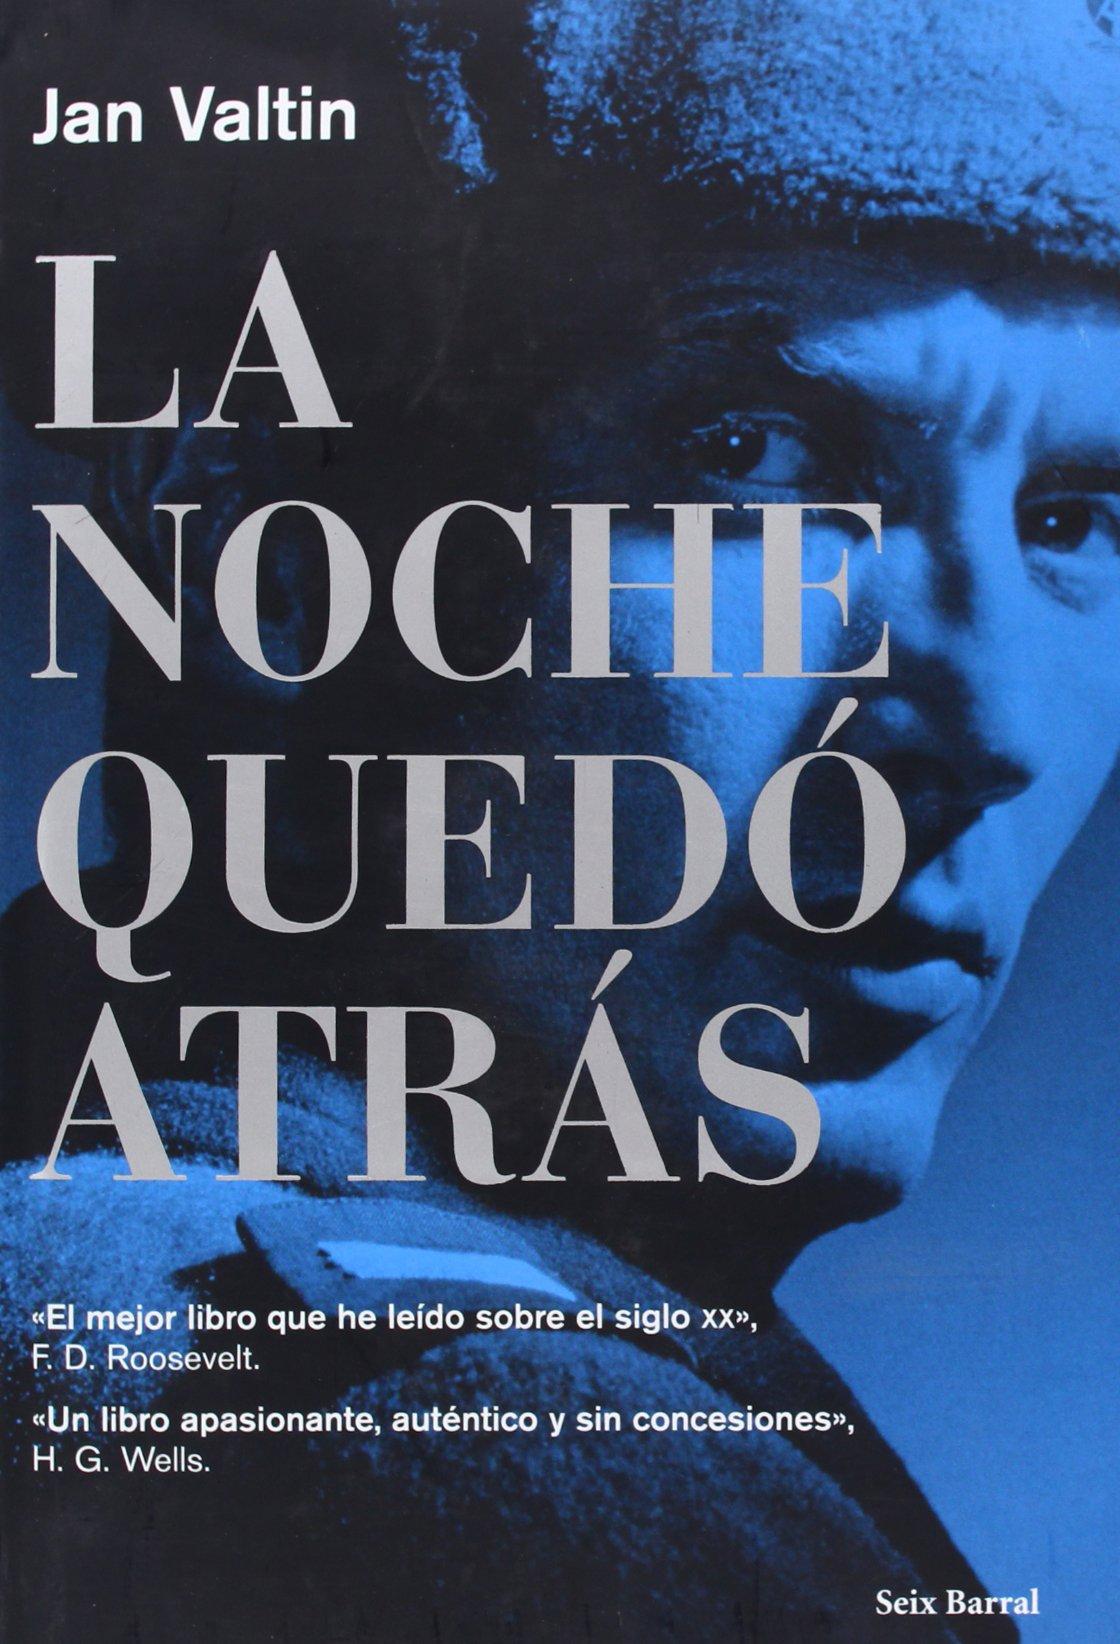 La noche quedó atrás (Biblioteca Abierta): Amazon.es: Valtin, Jan: Libros